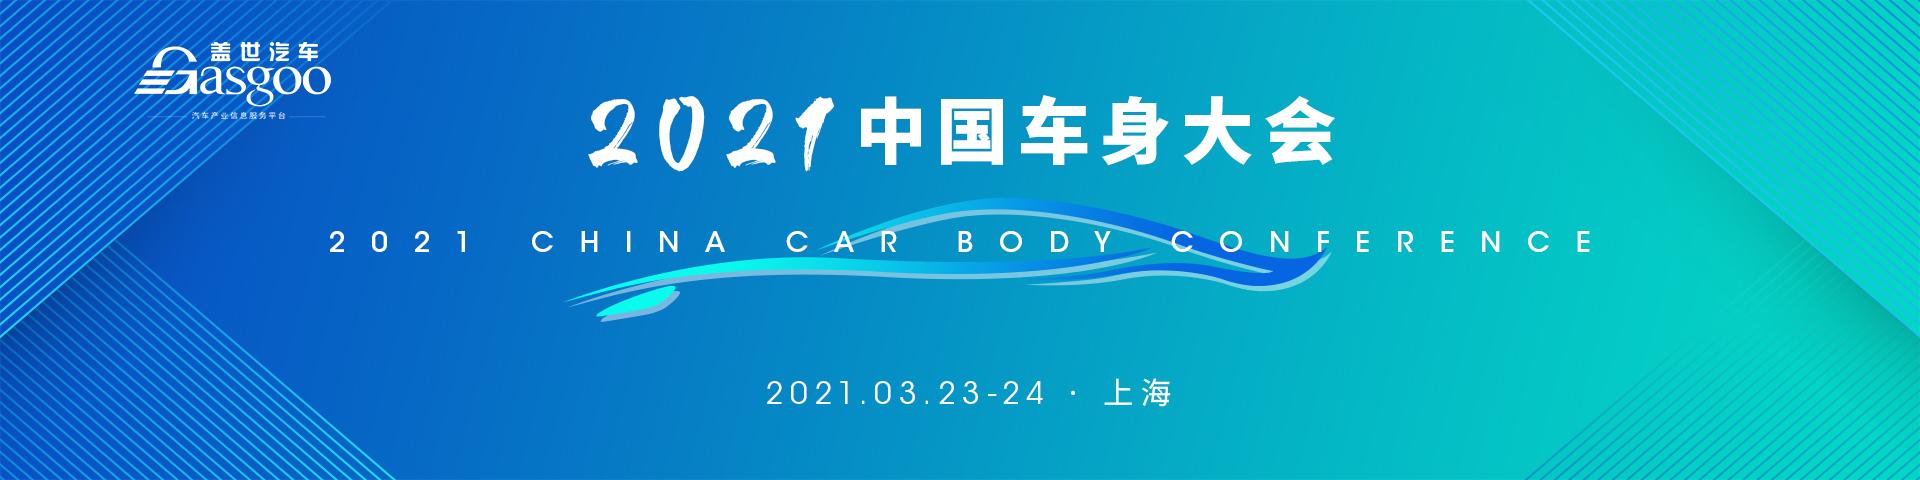 盖世汽车2021中国车身大会